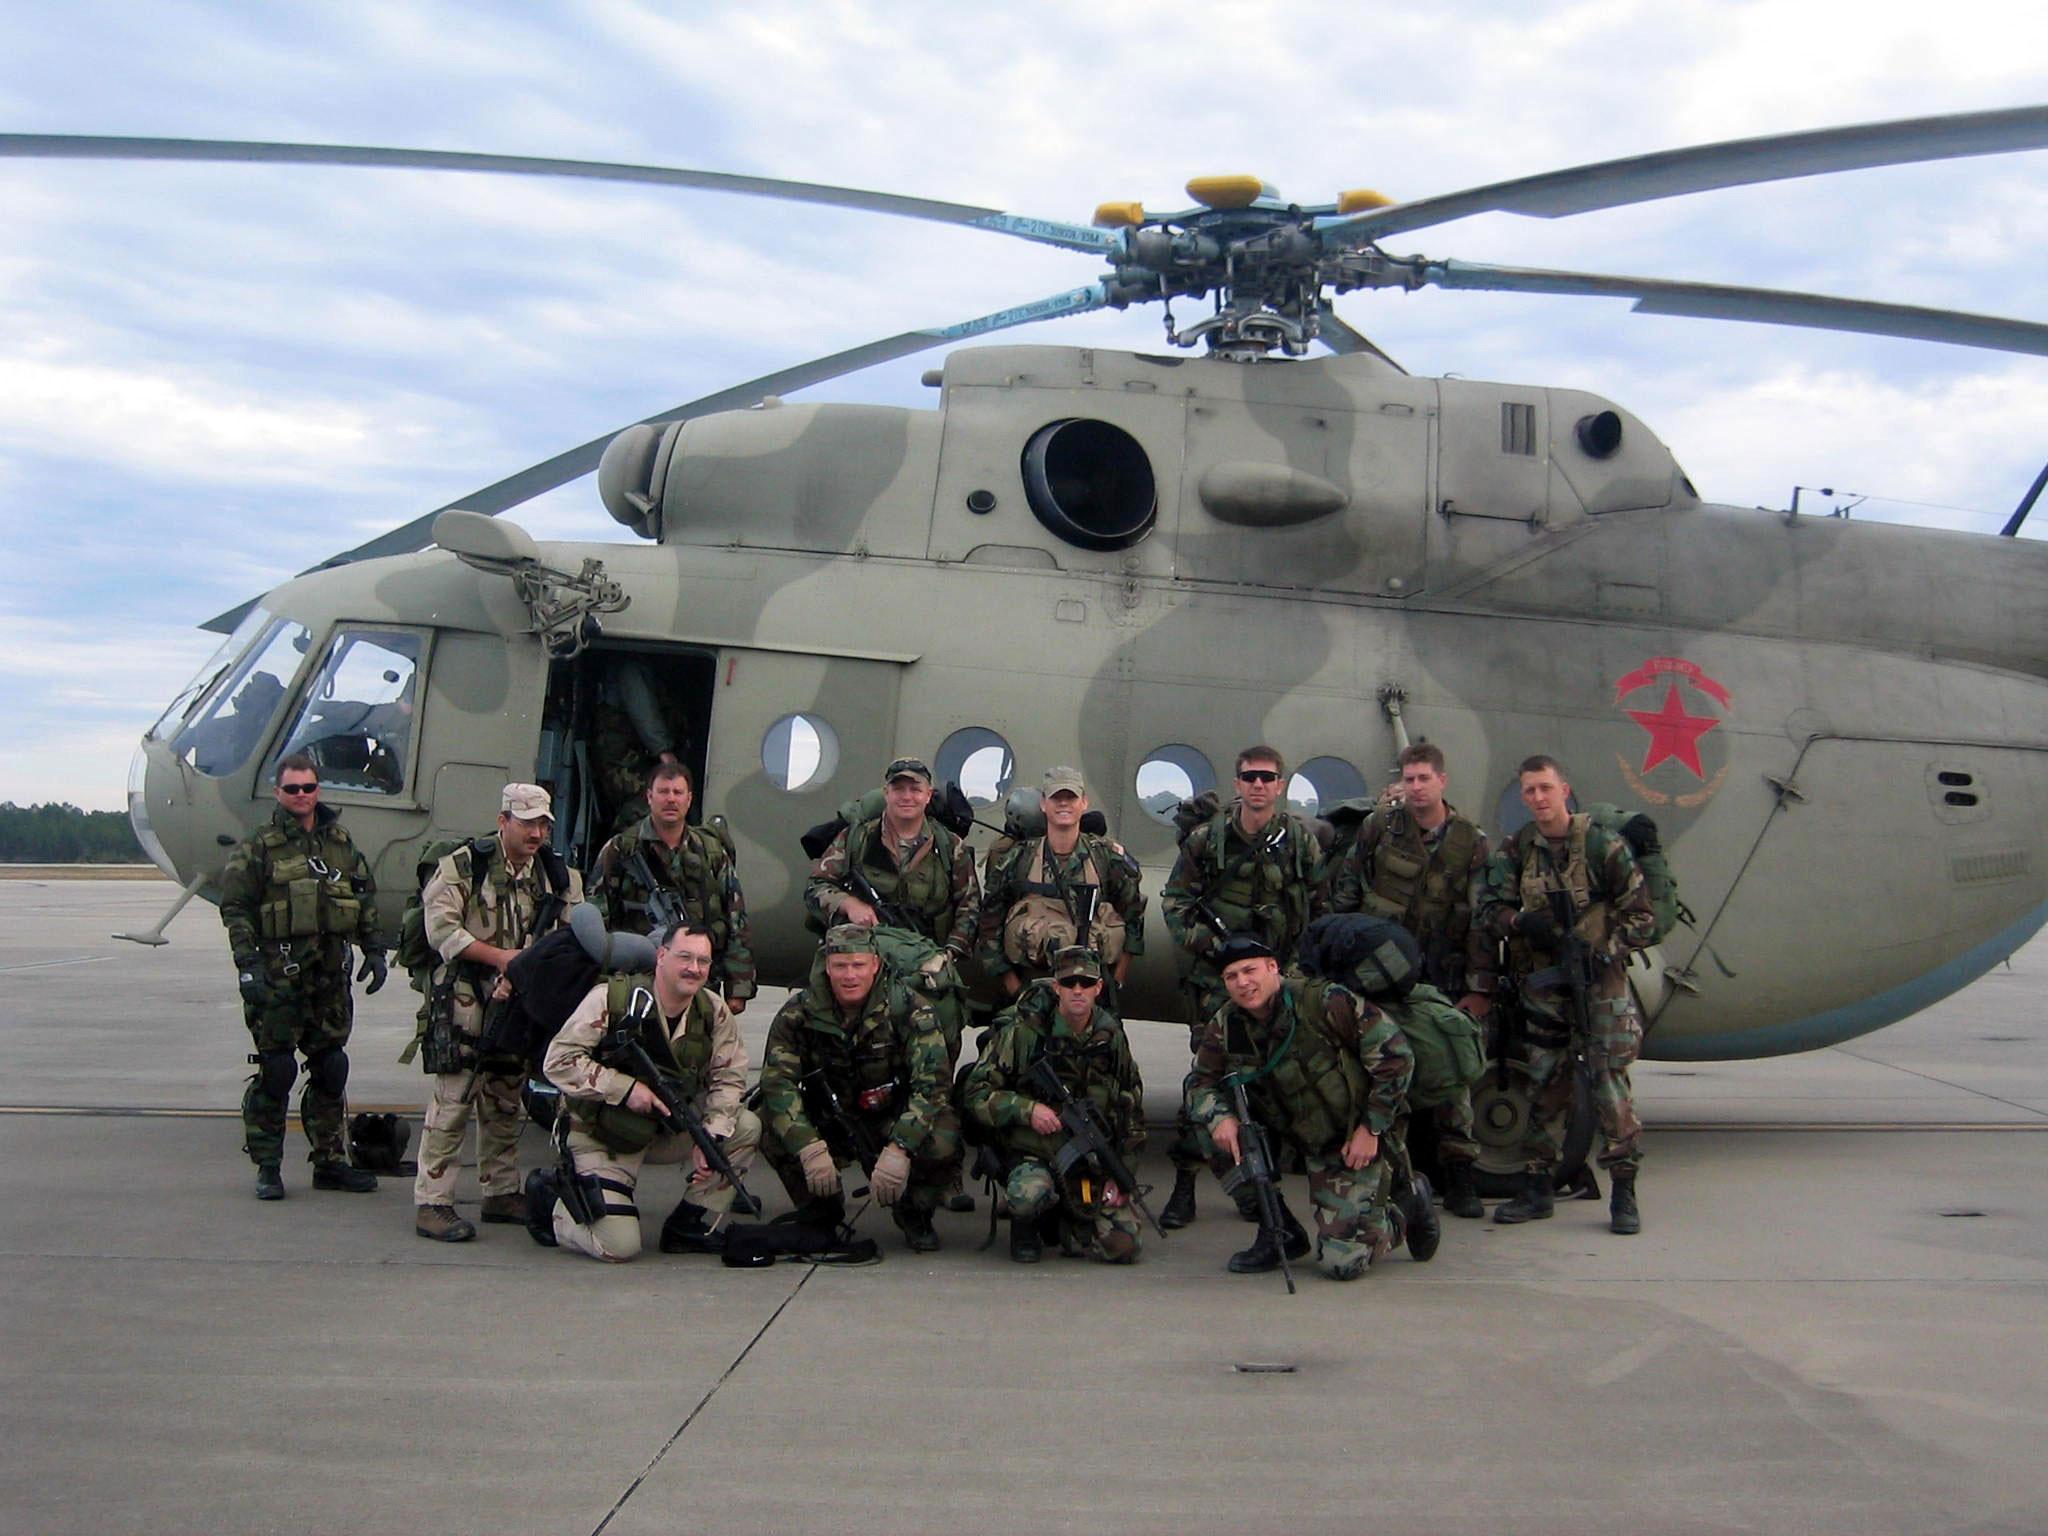 Elicottero Mi 8 : Photo mi helicopter th sos